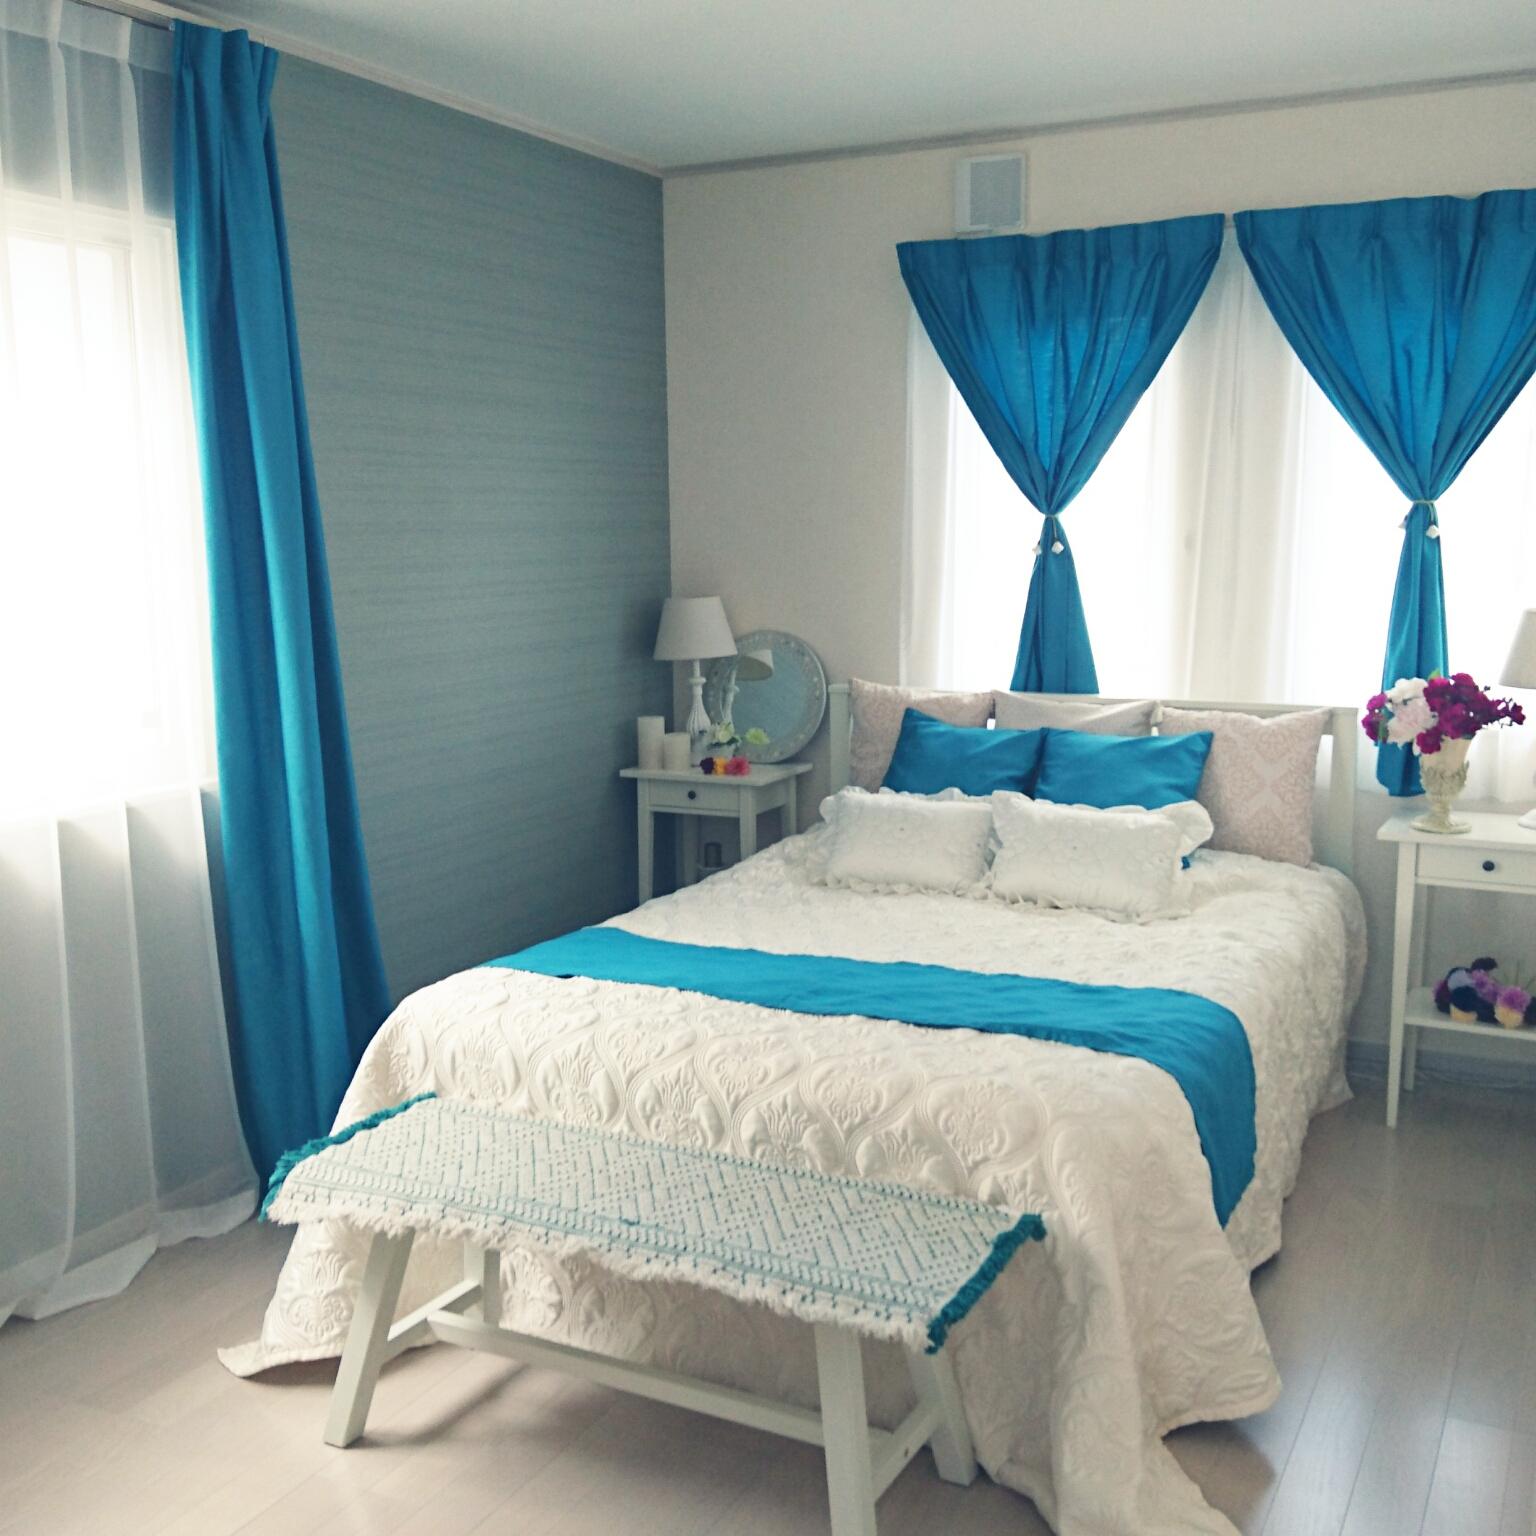 【寝室インテリア集】特別なリラックス空間の作り方 | RoomClip mag | 暮らしとインテリアのwebマガジン